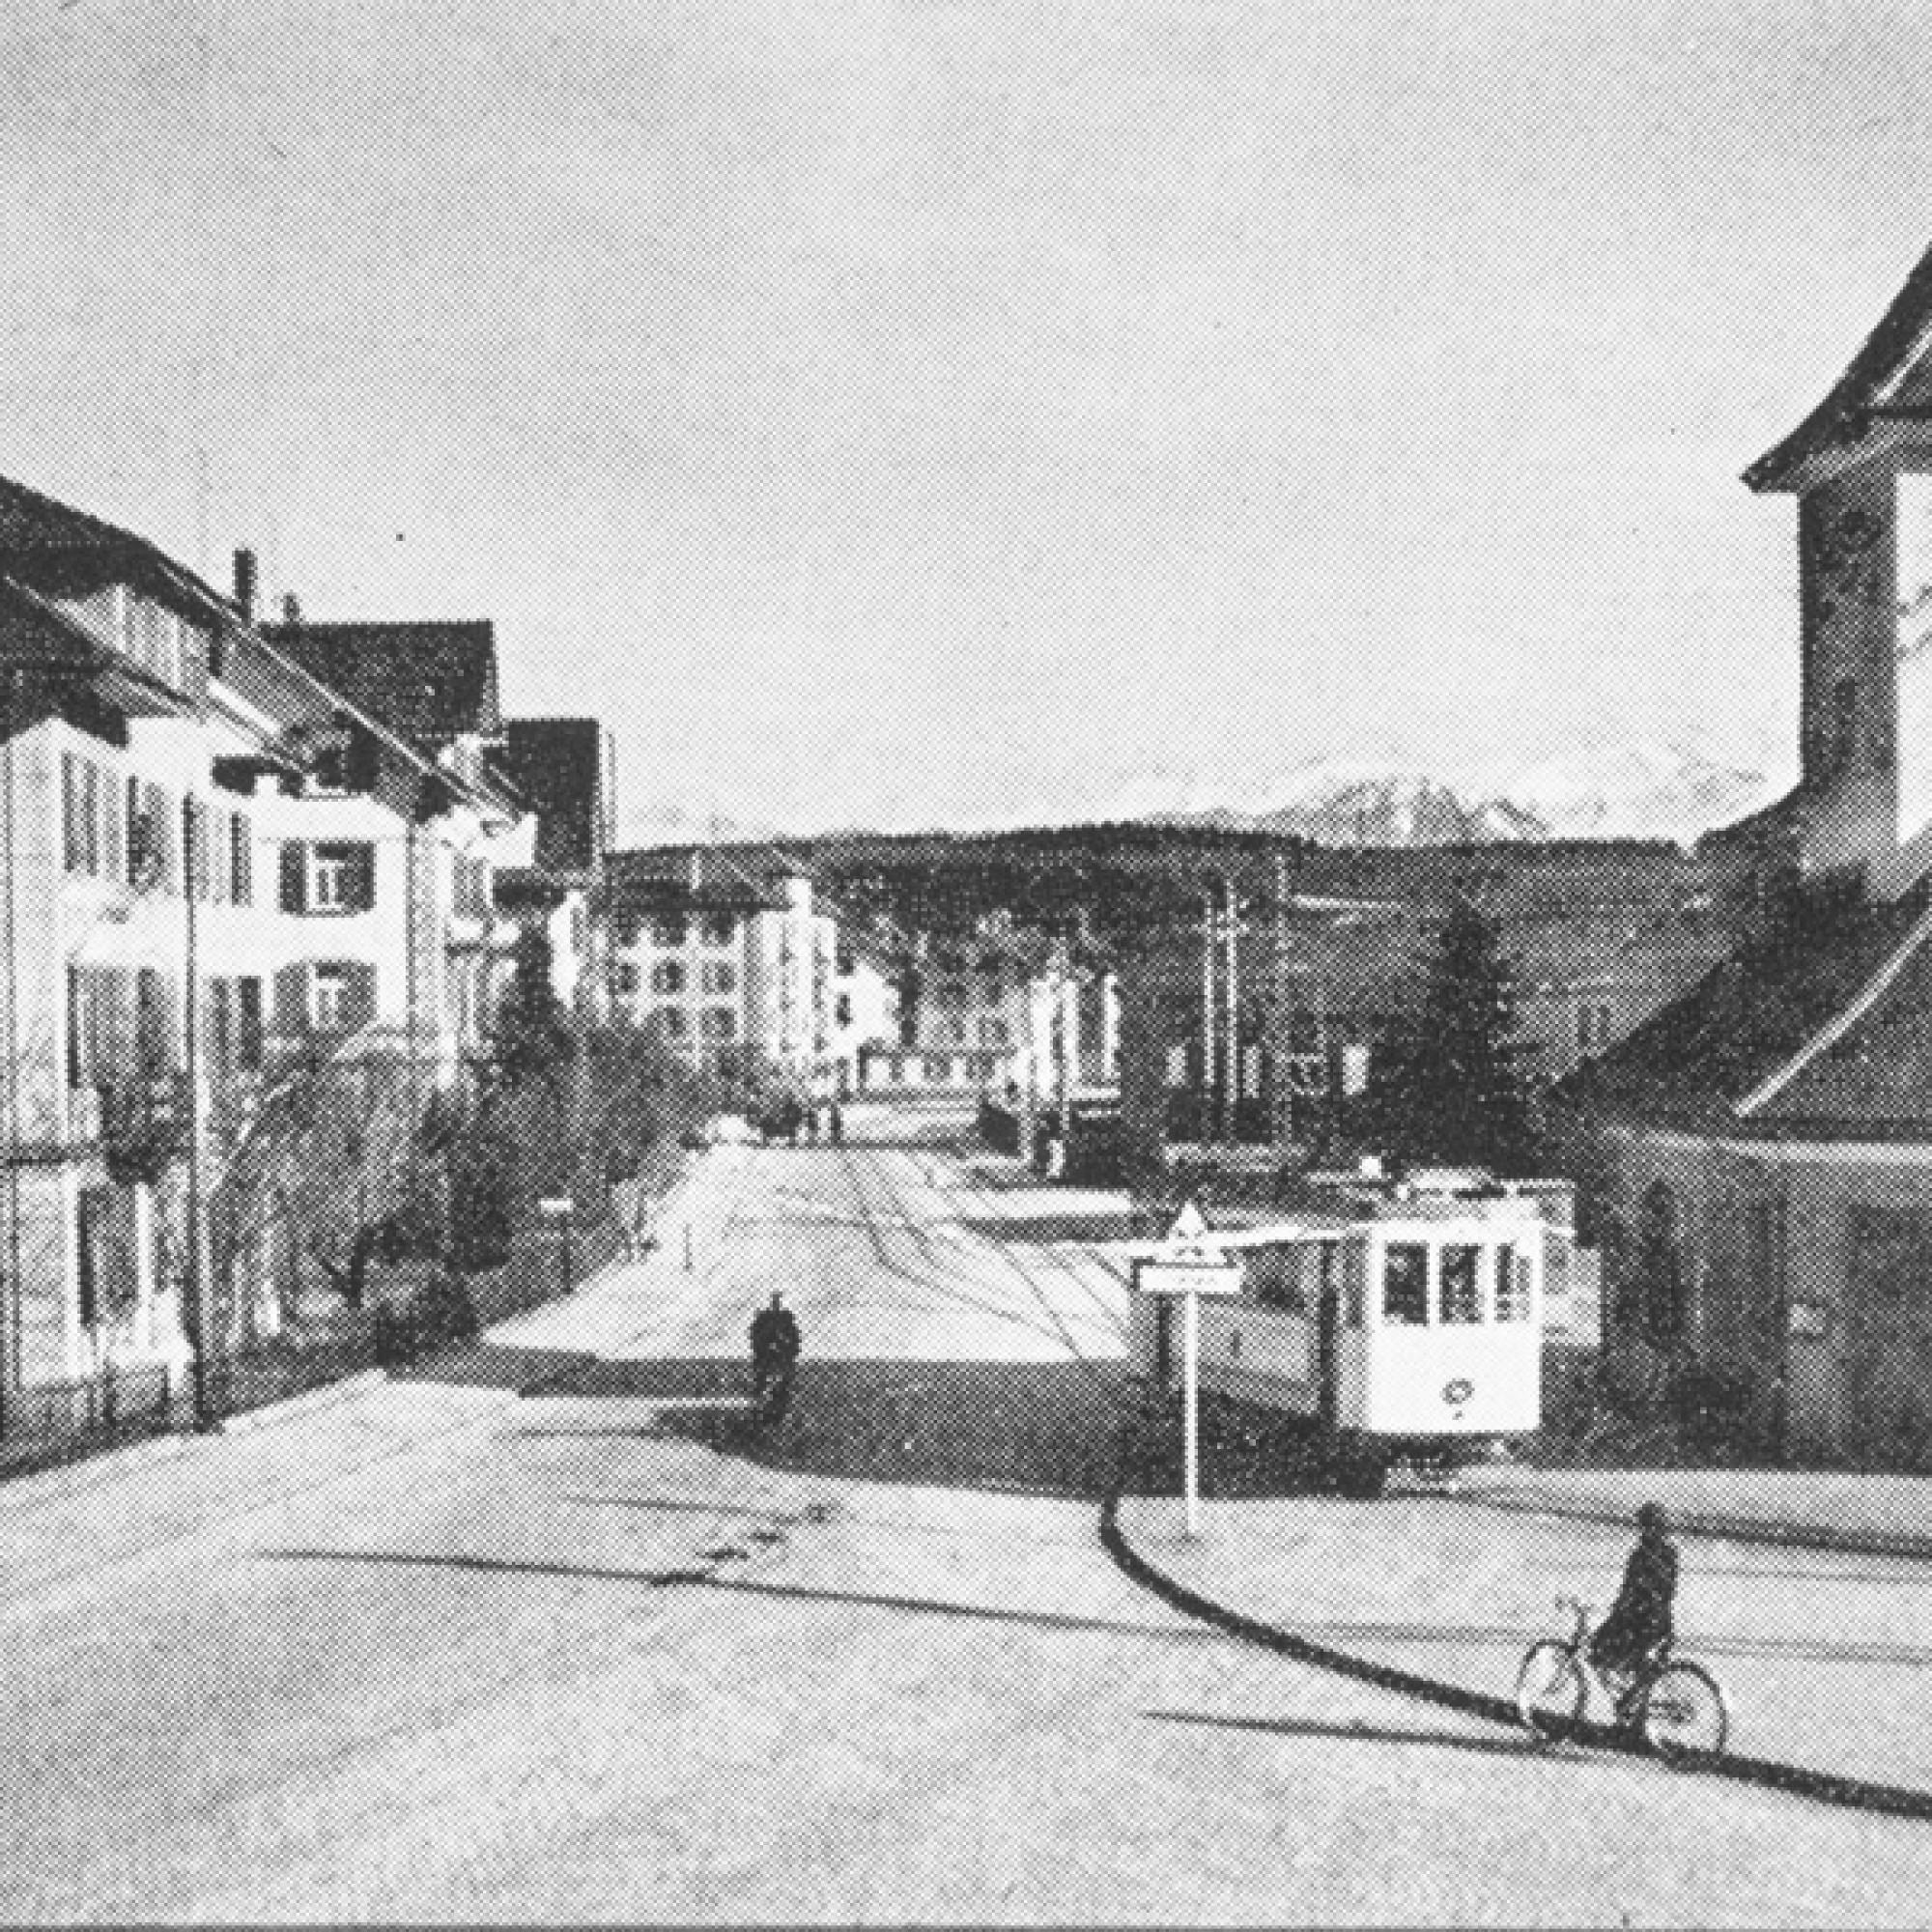 Das Tramhäuschen kurz nach seiner Eröffnung im Jahr 1927 (Gemeindearchiv Emmen)